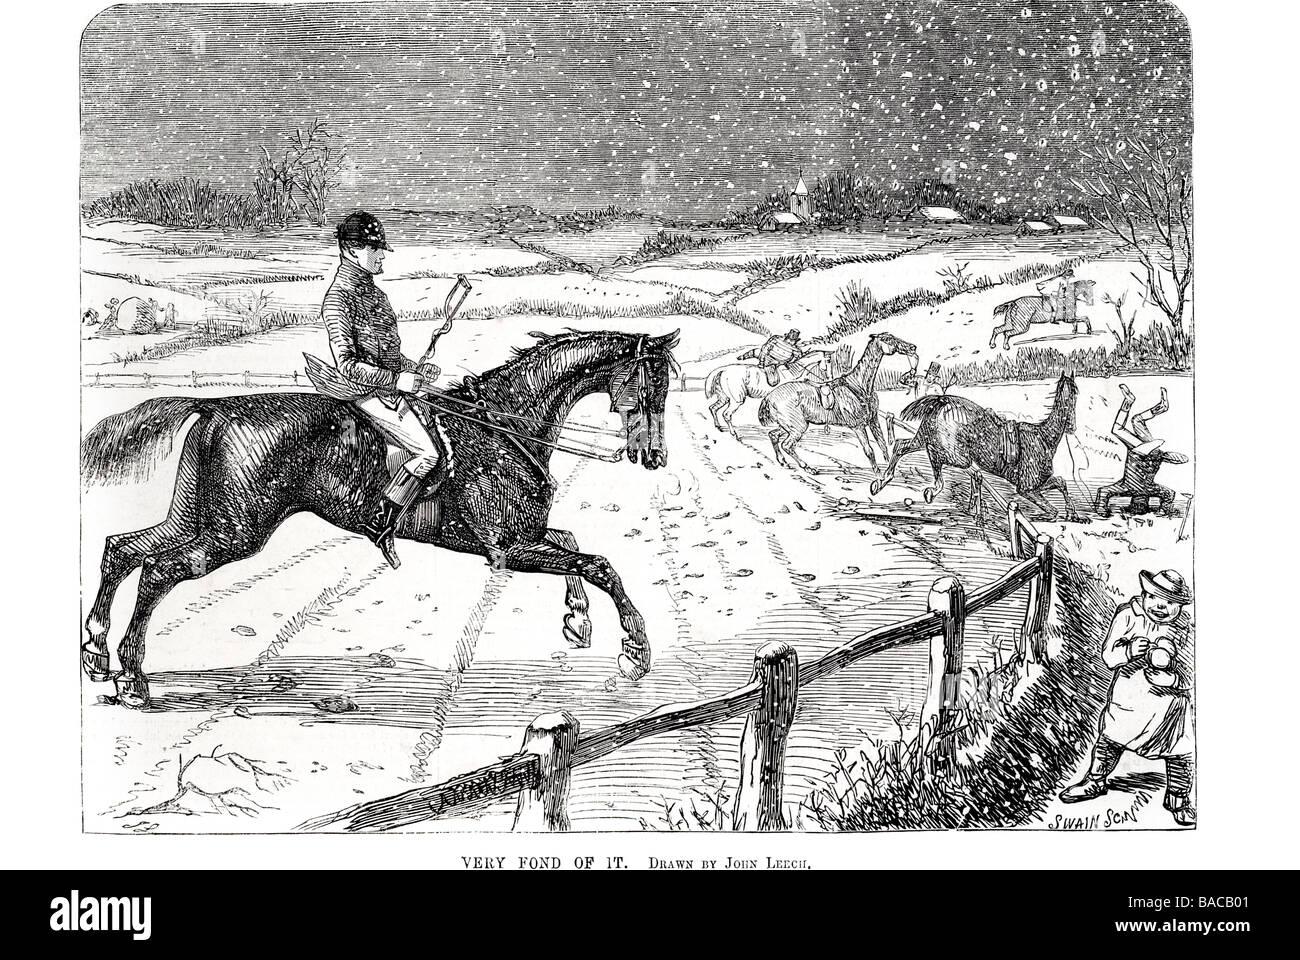 Il aimait beaucoup dessiné par John Leech 1854 Photo Stock